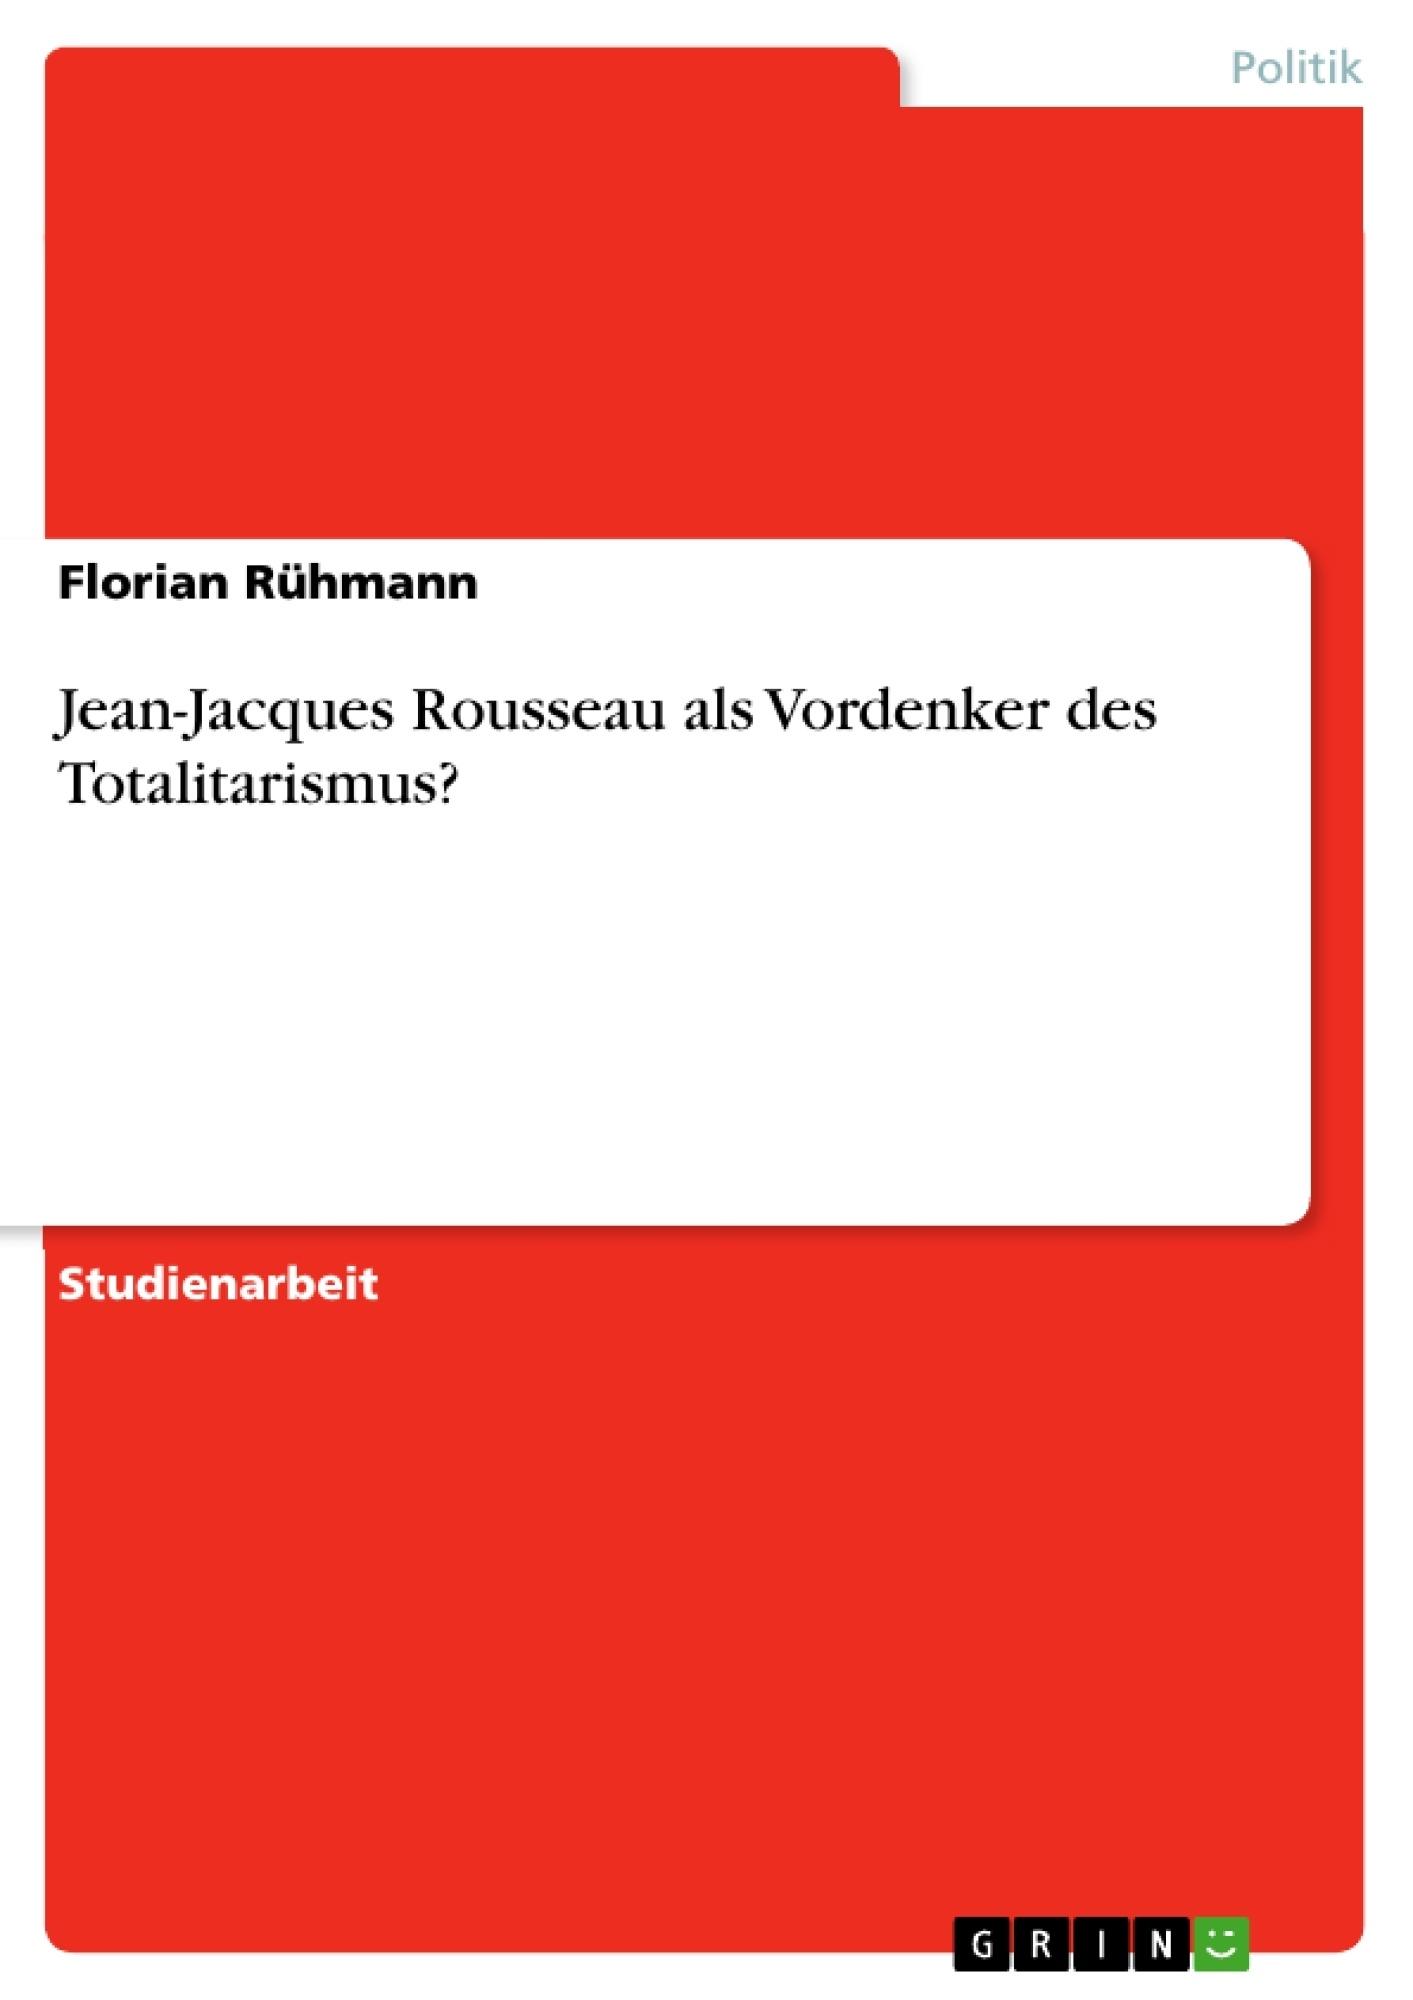 Titel: Jean-Jacques Rousseau als Vordenker des Totalitarismus?